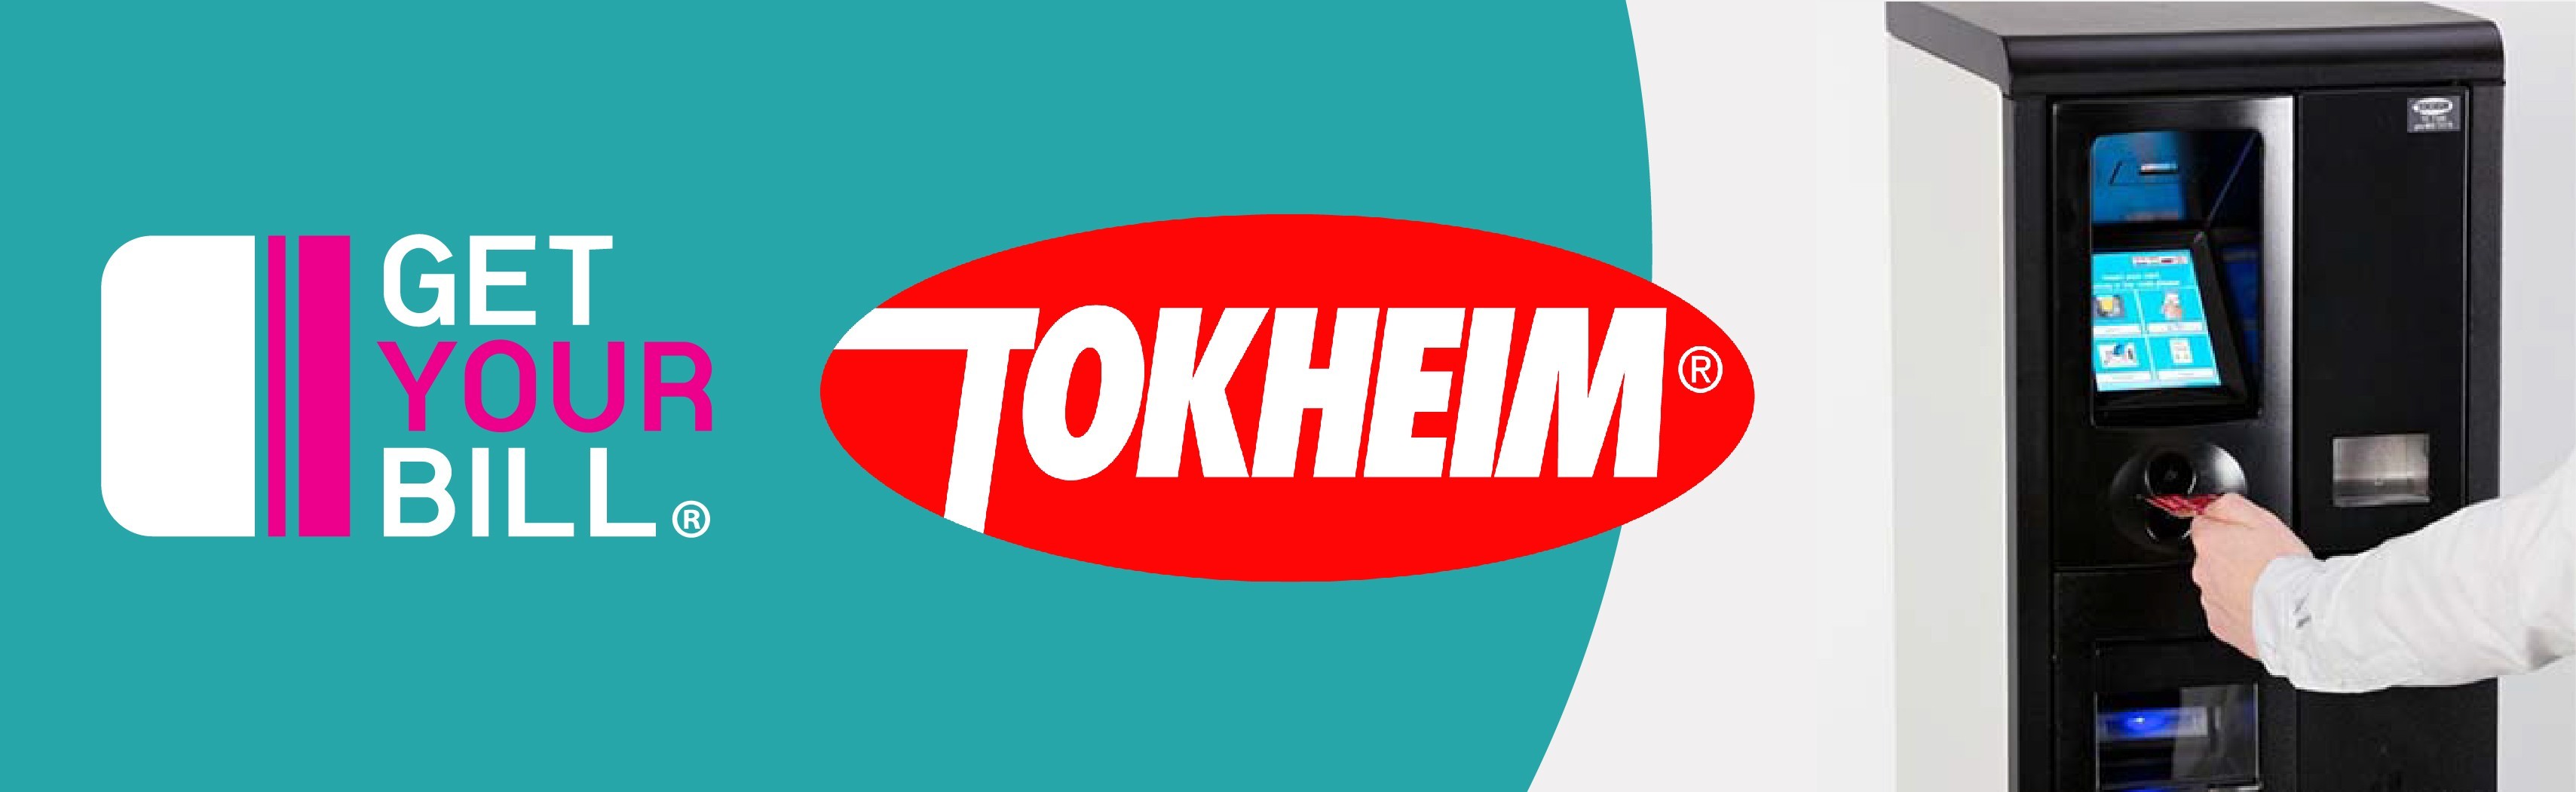 Tokheim e GetYourBill - News